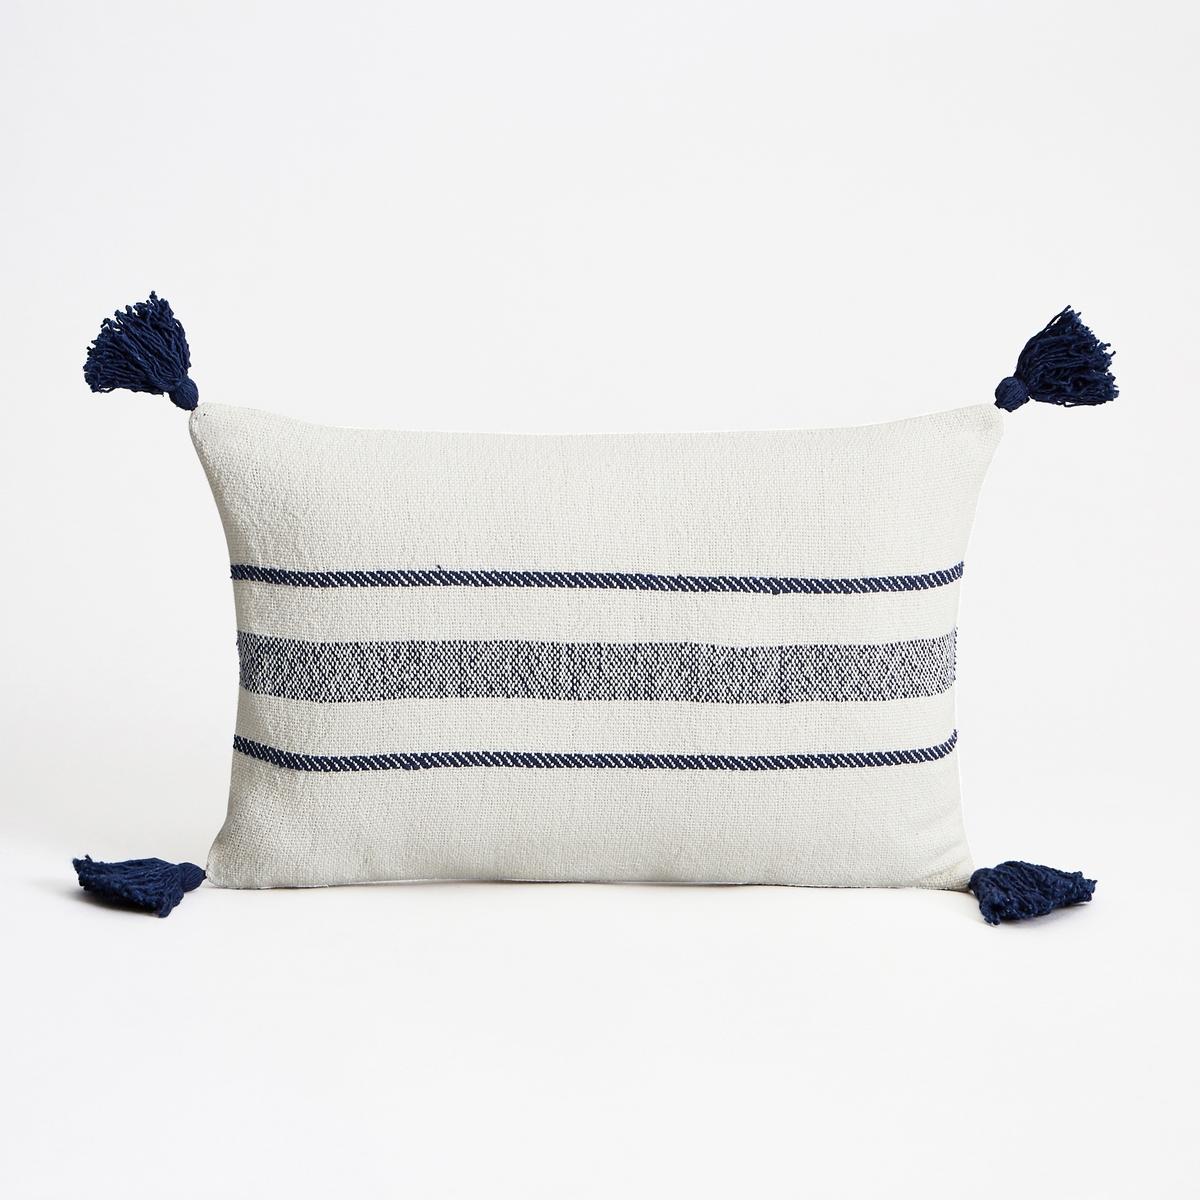 Наволочка на подушку-валик PomponaНаволочка на подушку-валик Pompona. Рисунок в тонкую и широкую полоску в морском стиле, большие кисточки темно-синего цвета по углам. Однотонная оборотная сторона цвета экрю. Из плотной ткани 100% хлопок. Застежка на скрытую молнию вверху. Размеры : 50 x 30 см.<br><br>Цвет: синий